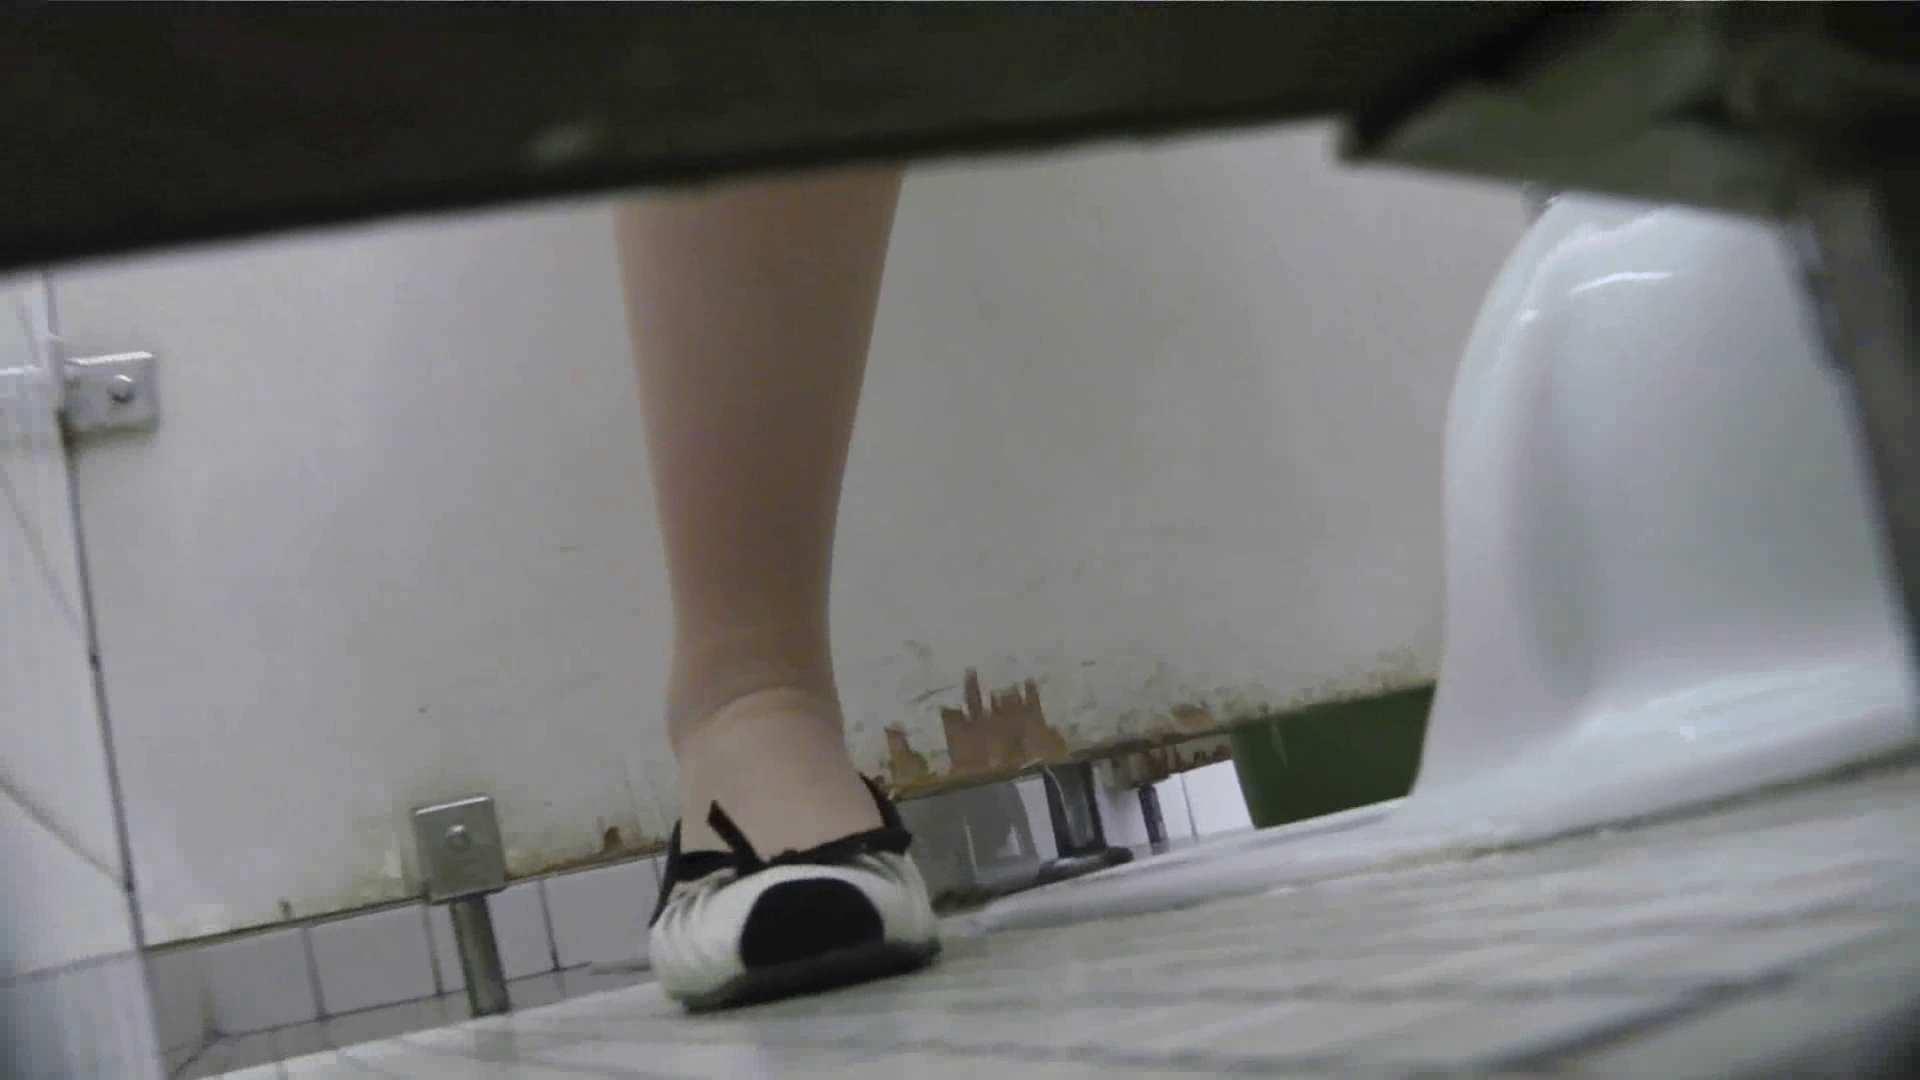 【美しき個室な世界】 vol.018 ピンクのおネエタン 洗面所  82pic 41